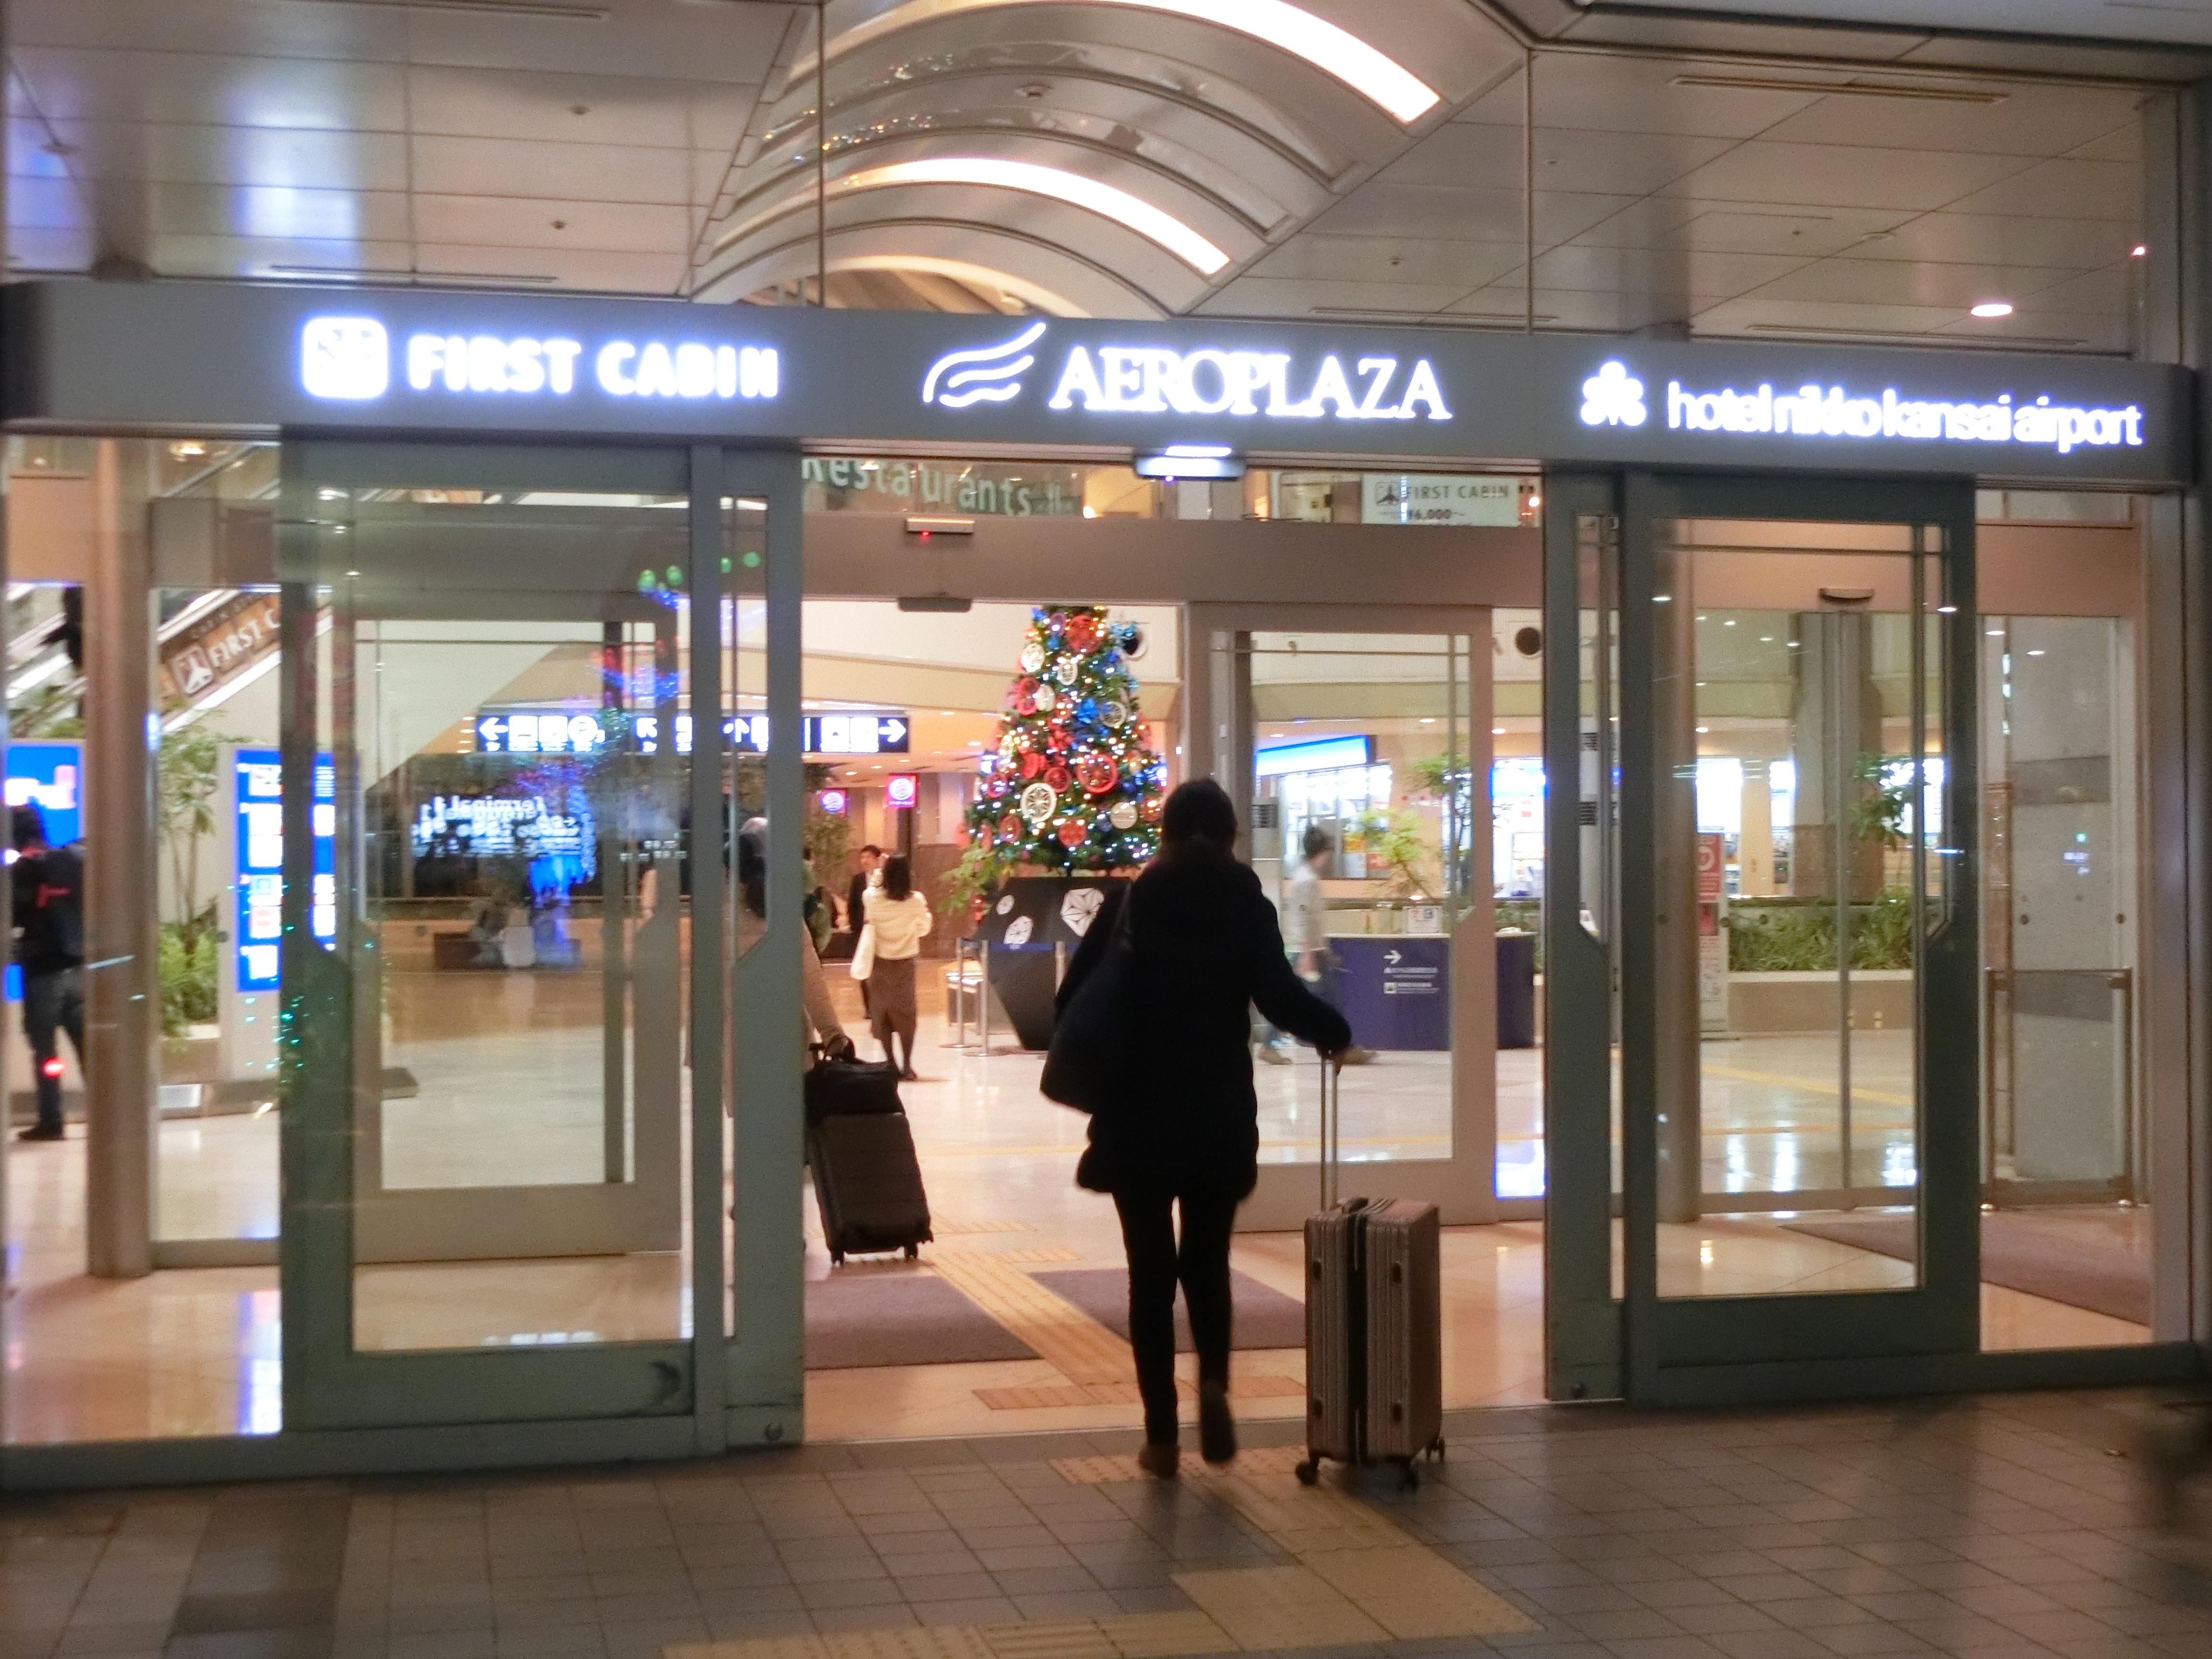 関西空港・エアロプラザ